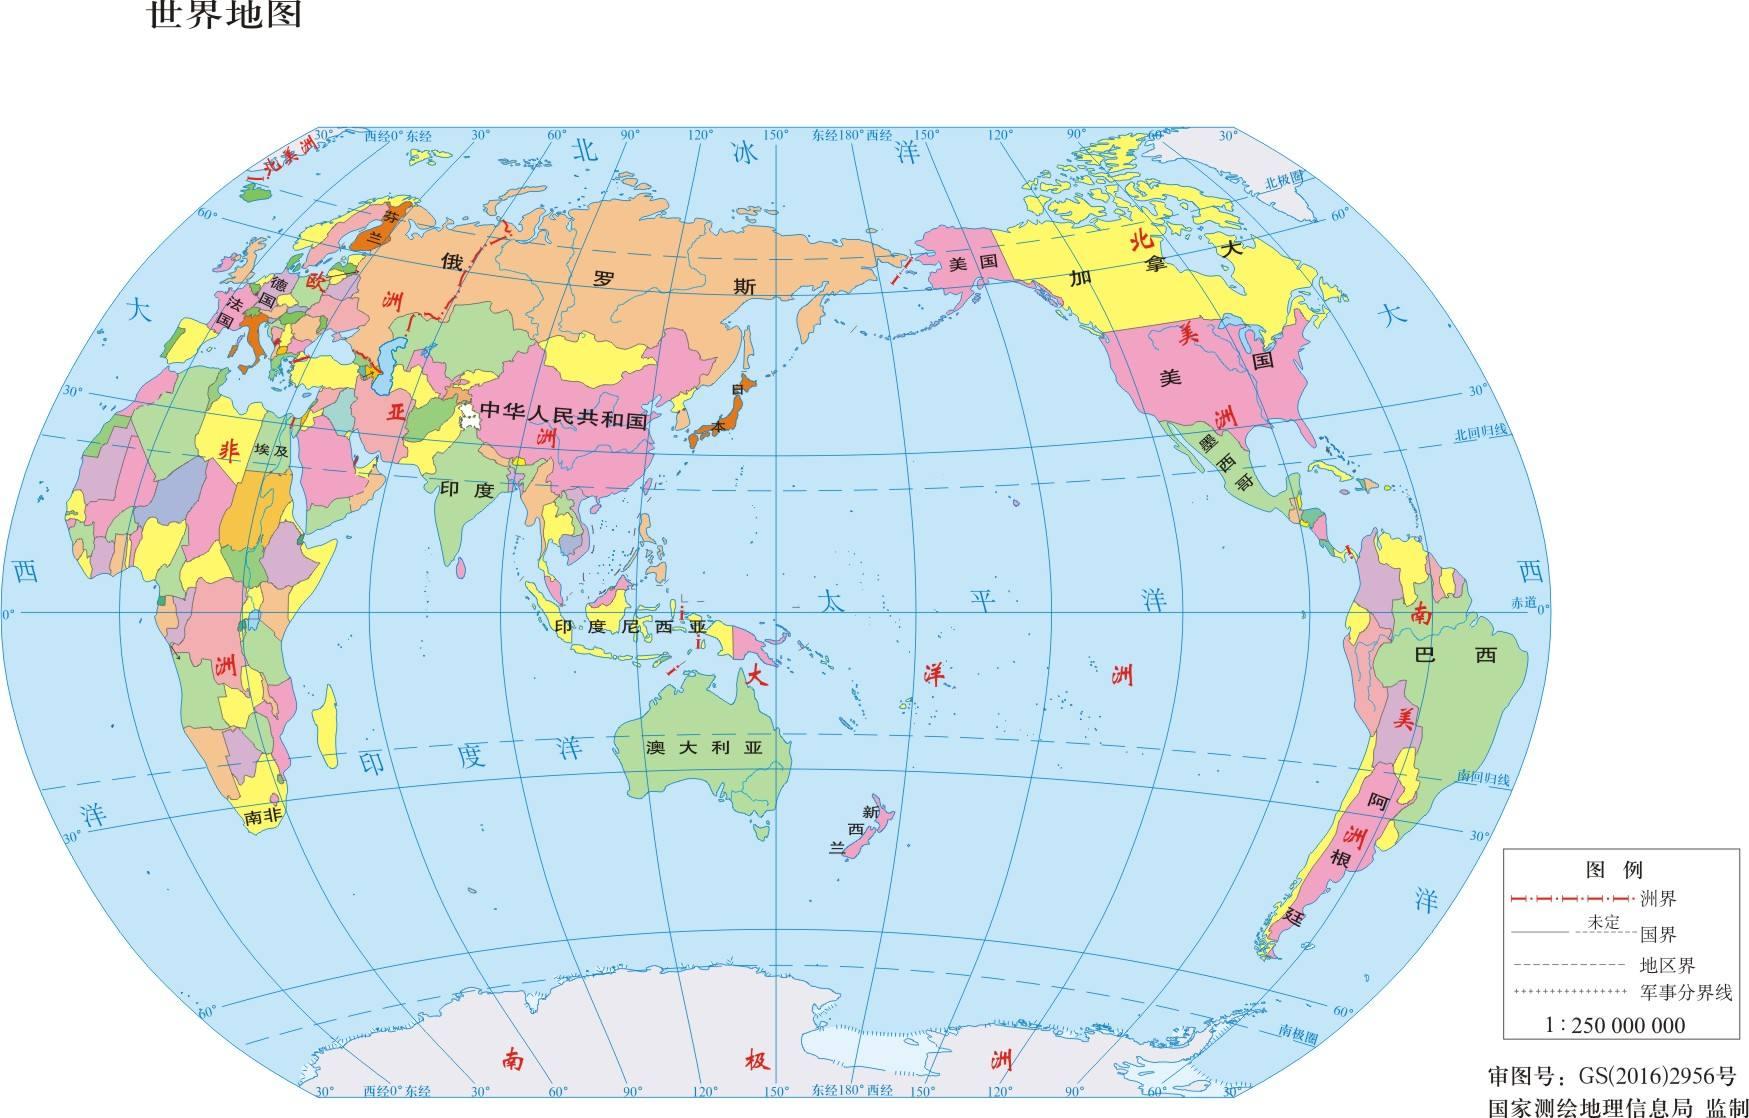 人民要论:发展中国家走向现代化的中国智慧